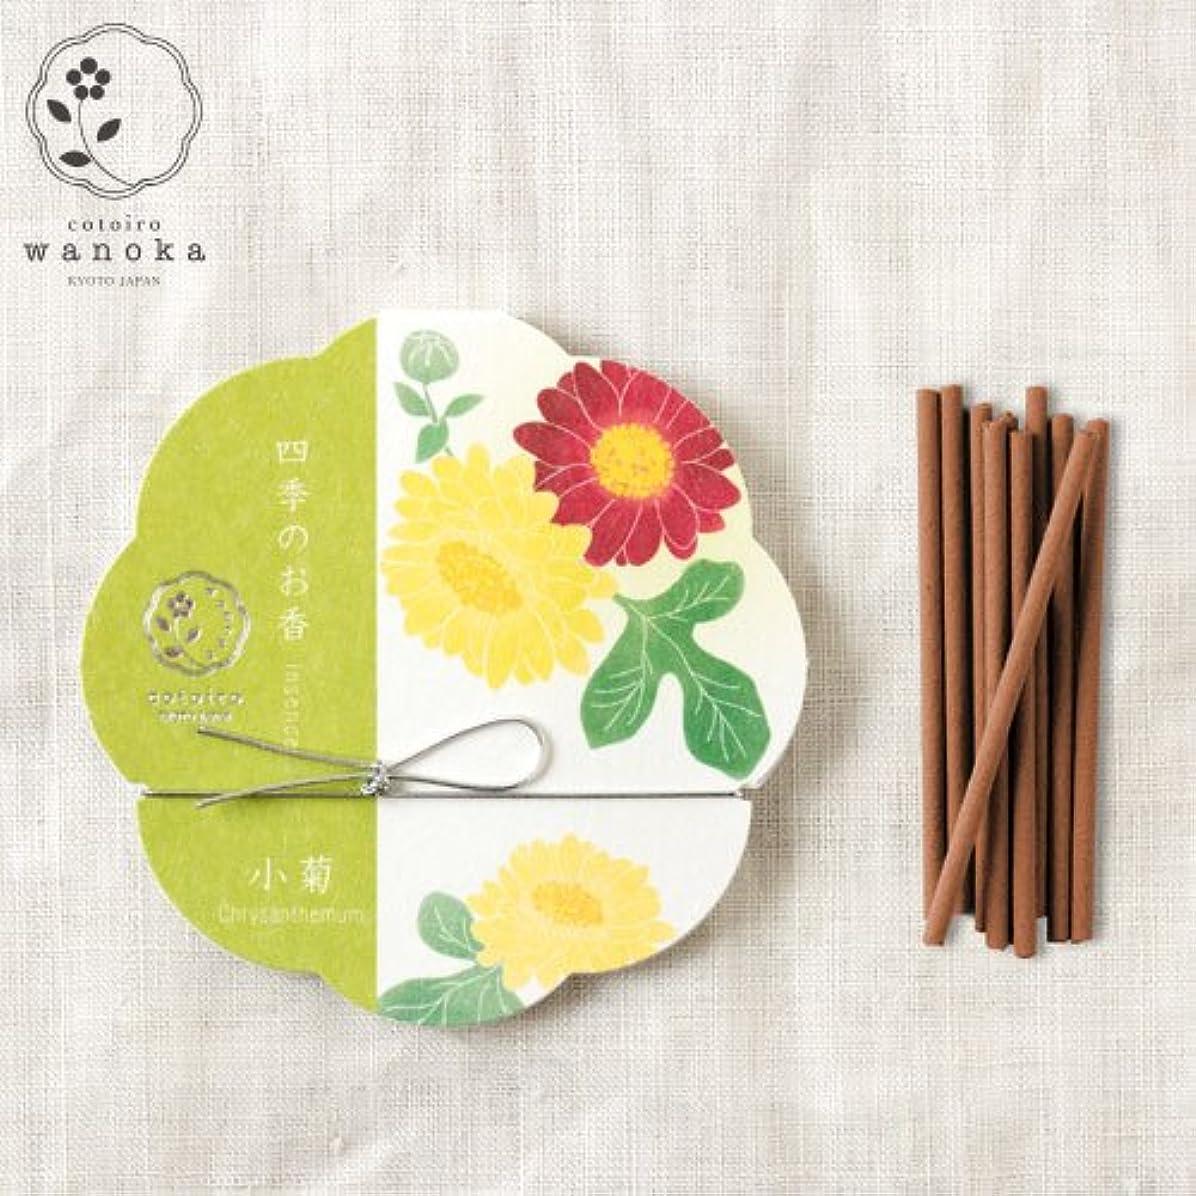 敬礼成熟した言い訳wanoka四季のお香(インセンス)小菊《小菊をイメージした優しい香り》ART LABIncense stick